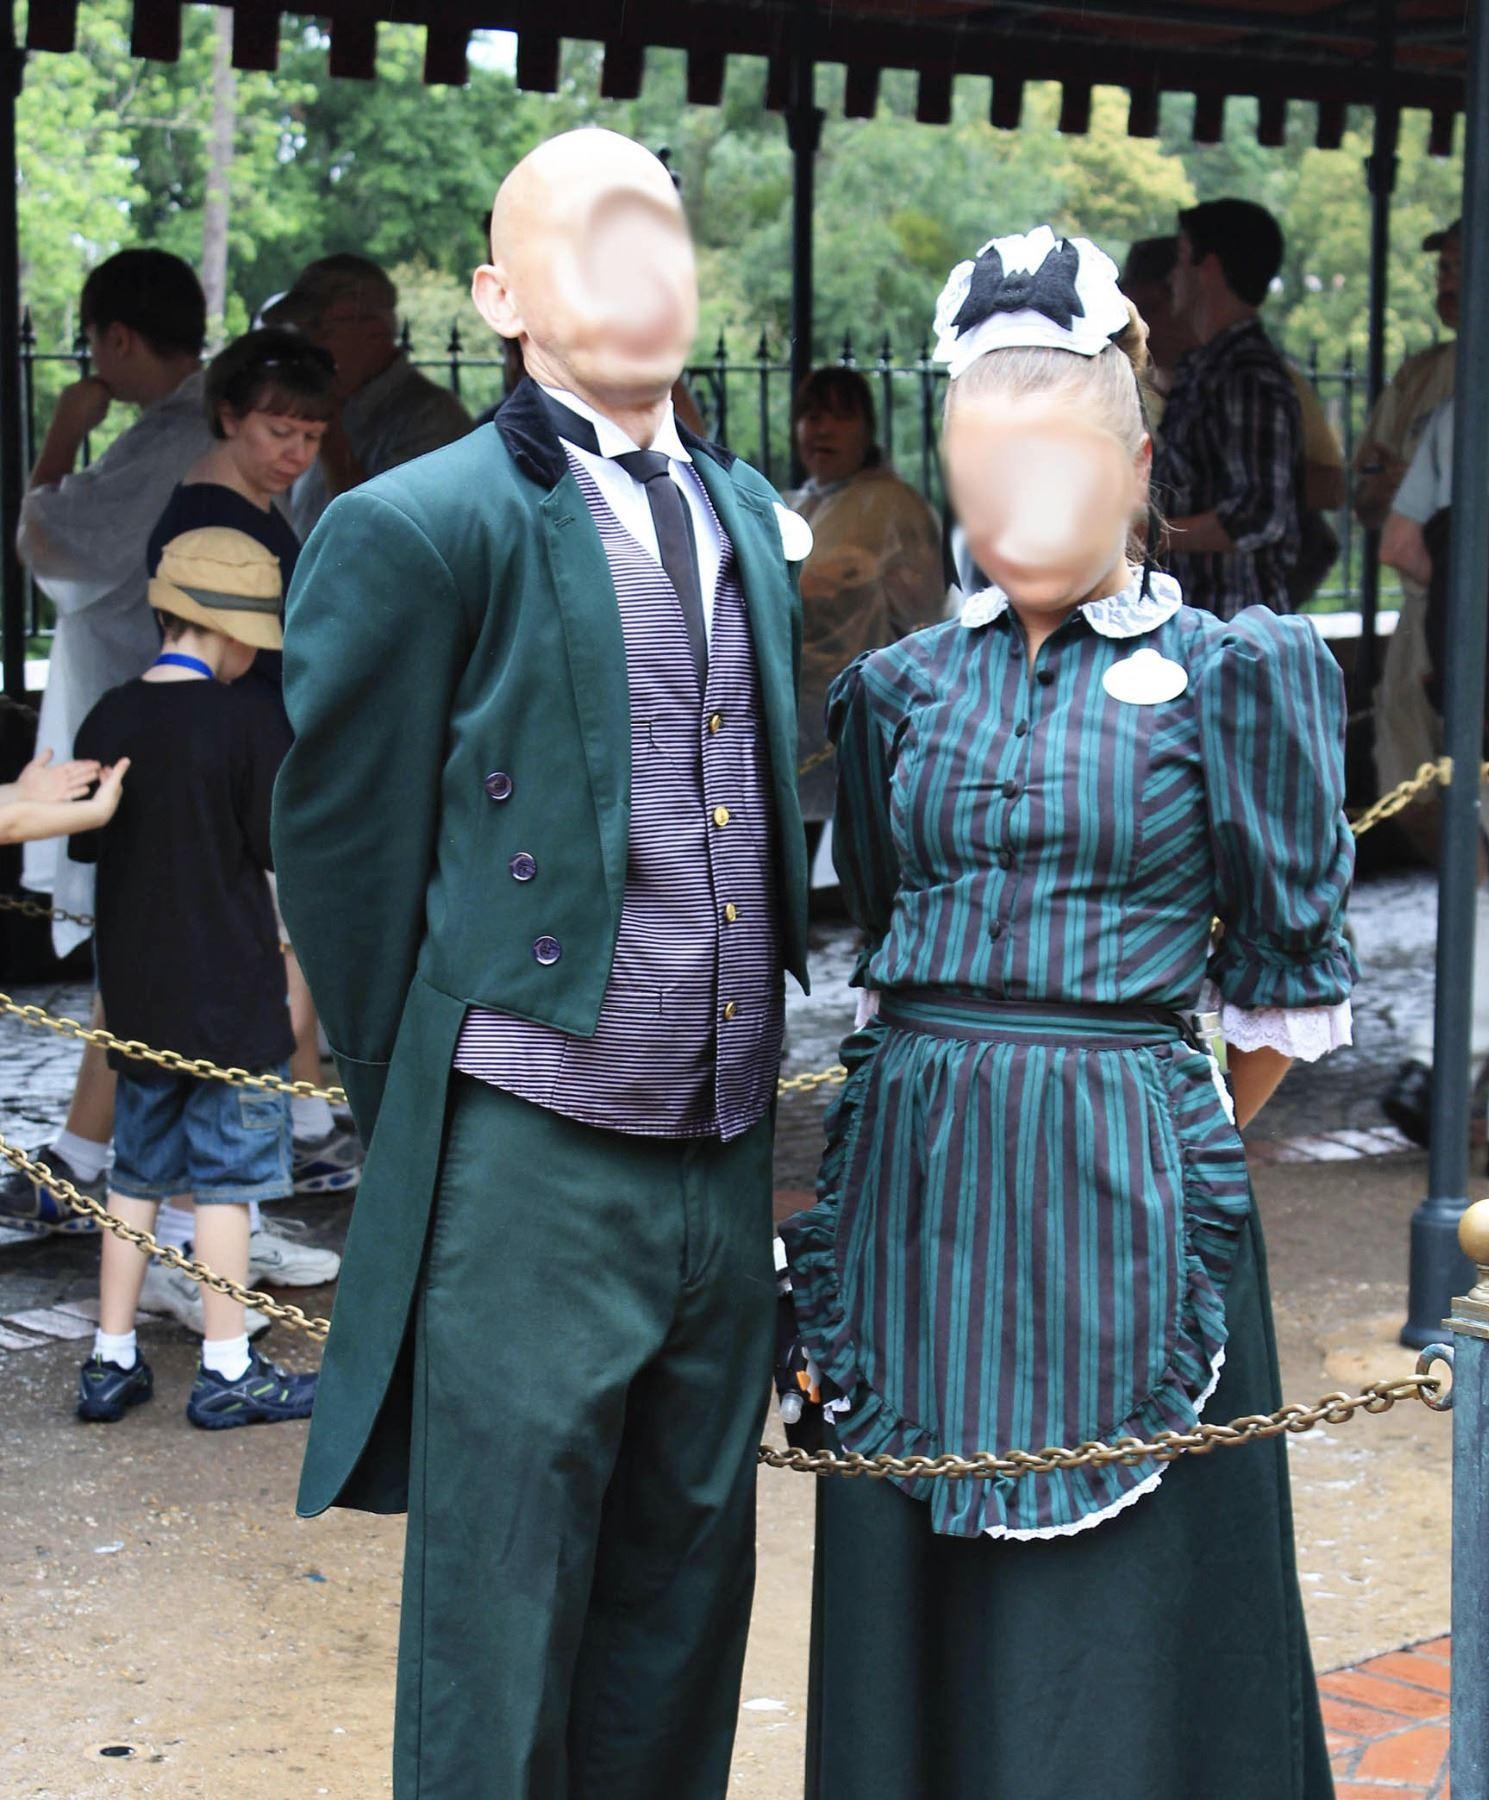 Disneyland Haunted Mansion cast member costume